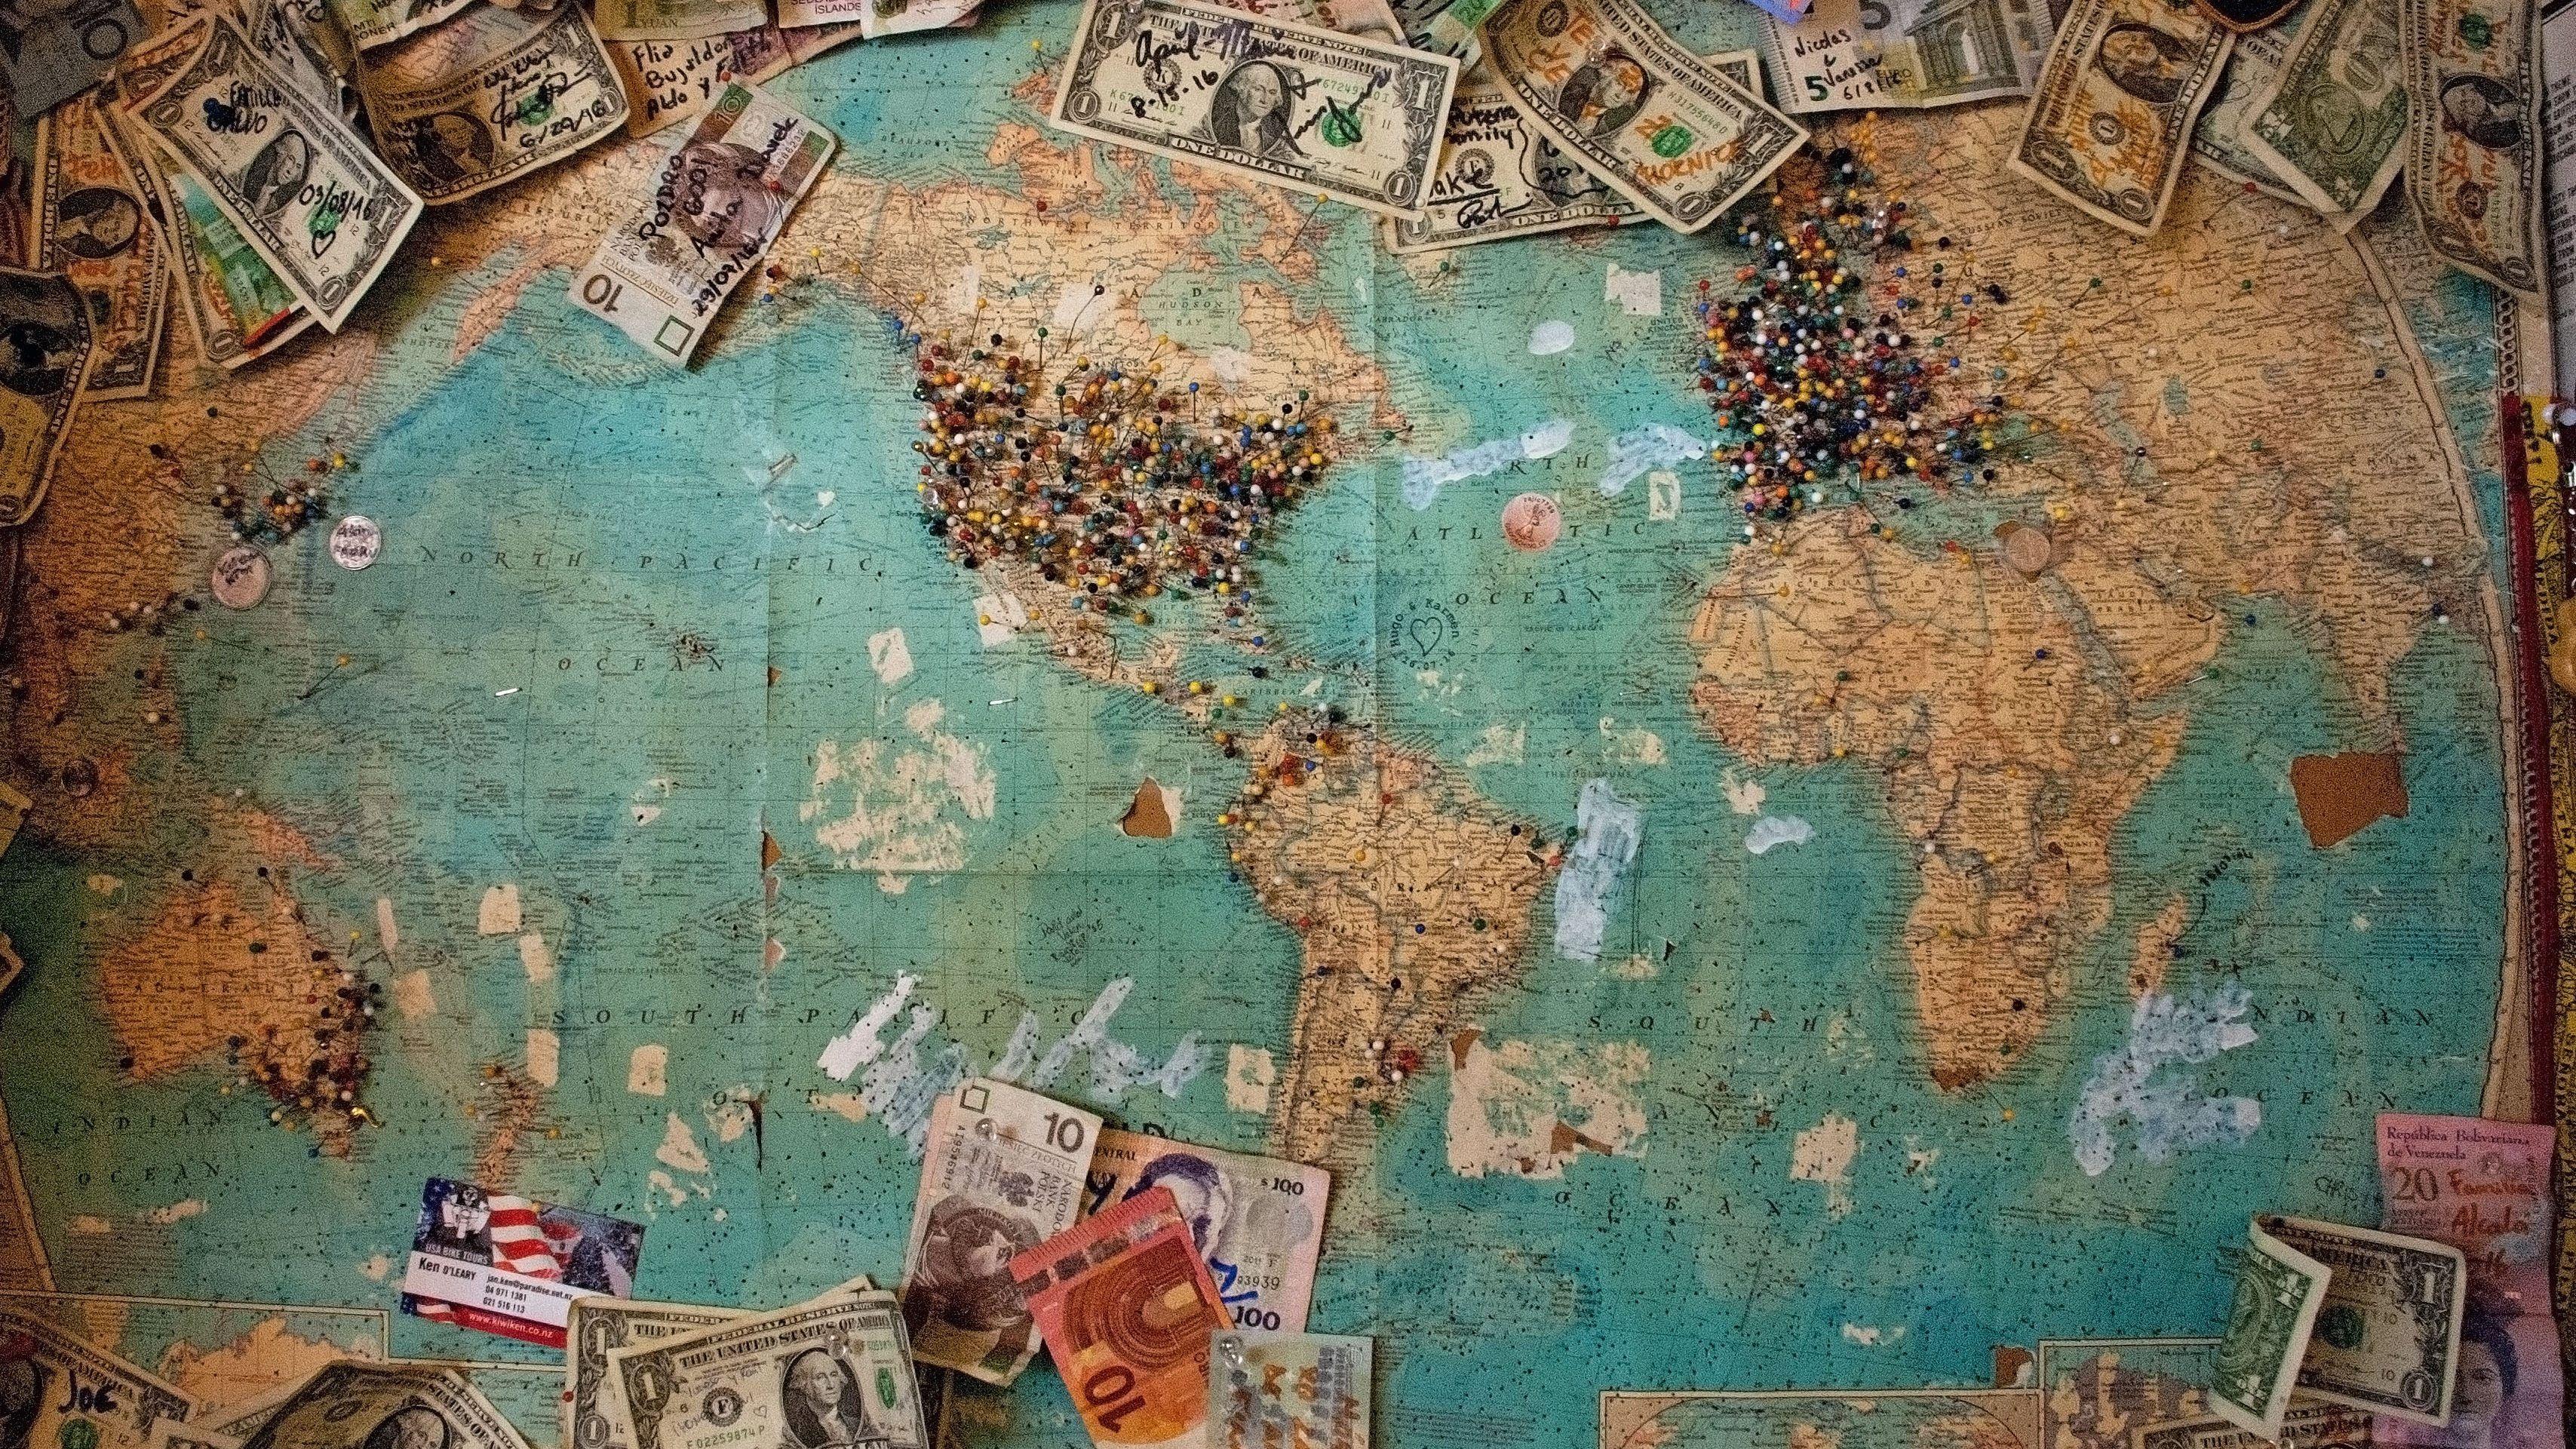 übrig Gebliebene Währungen Einfach Verkaufen Wirtschaft Volat